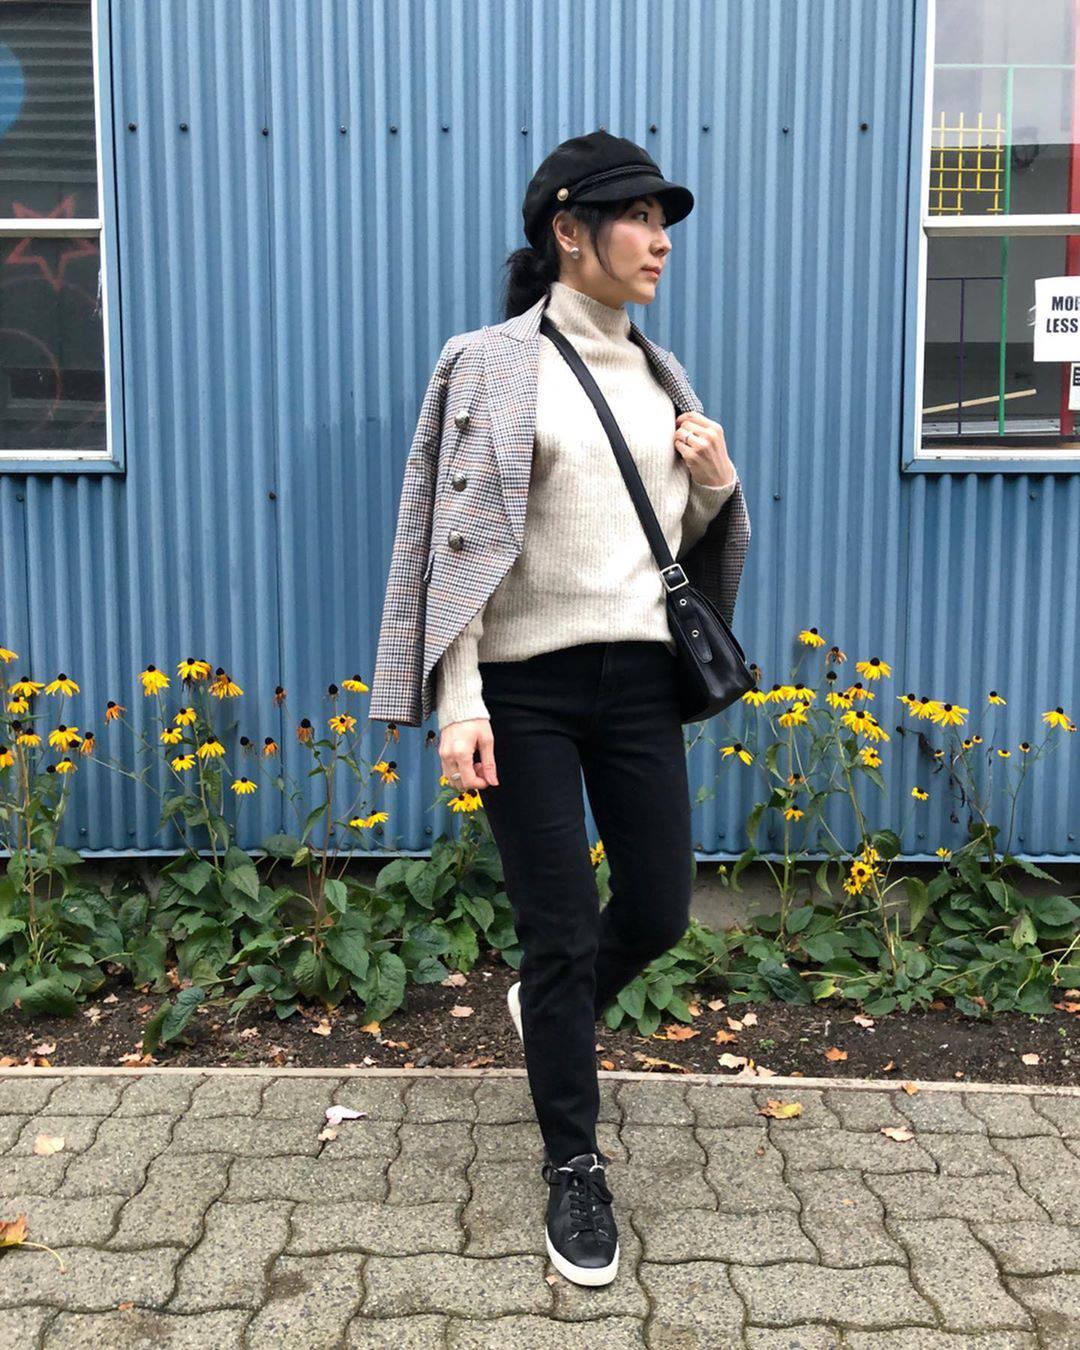 最高気温25度・最低気温20度 i.styleclosetの服装